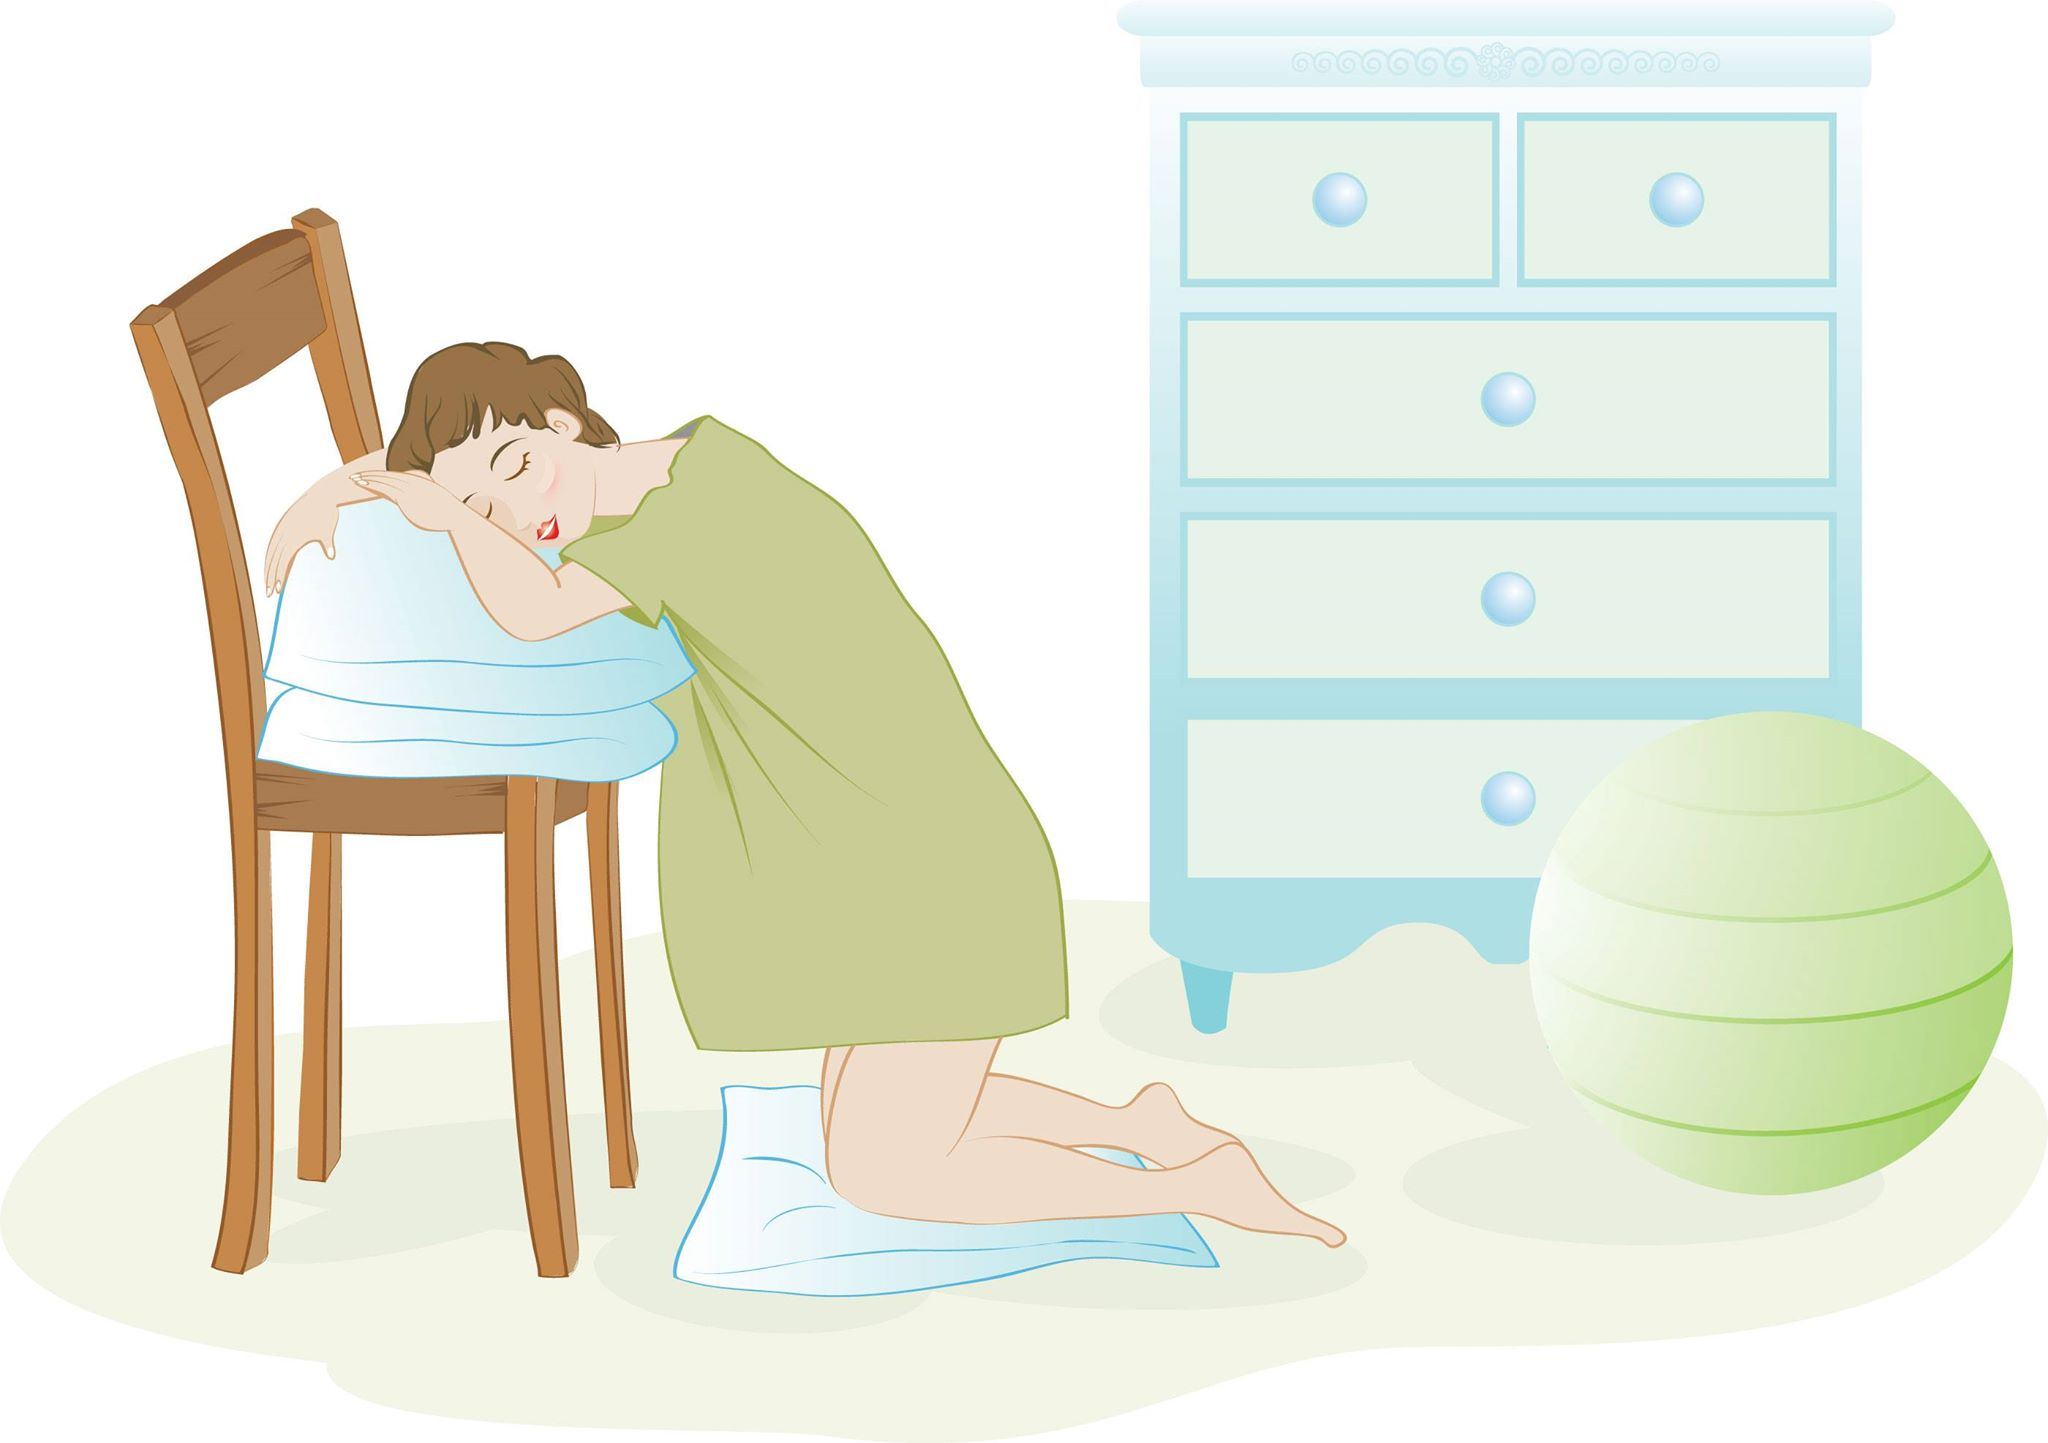 اعراض الحمل في الايام الاولى من التلقيح